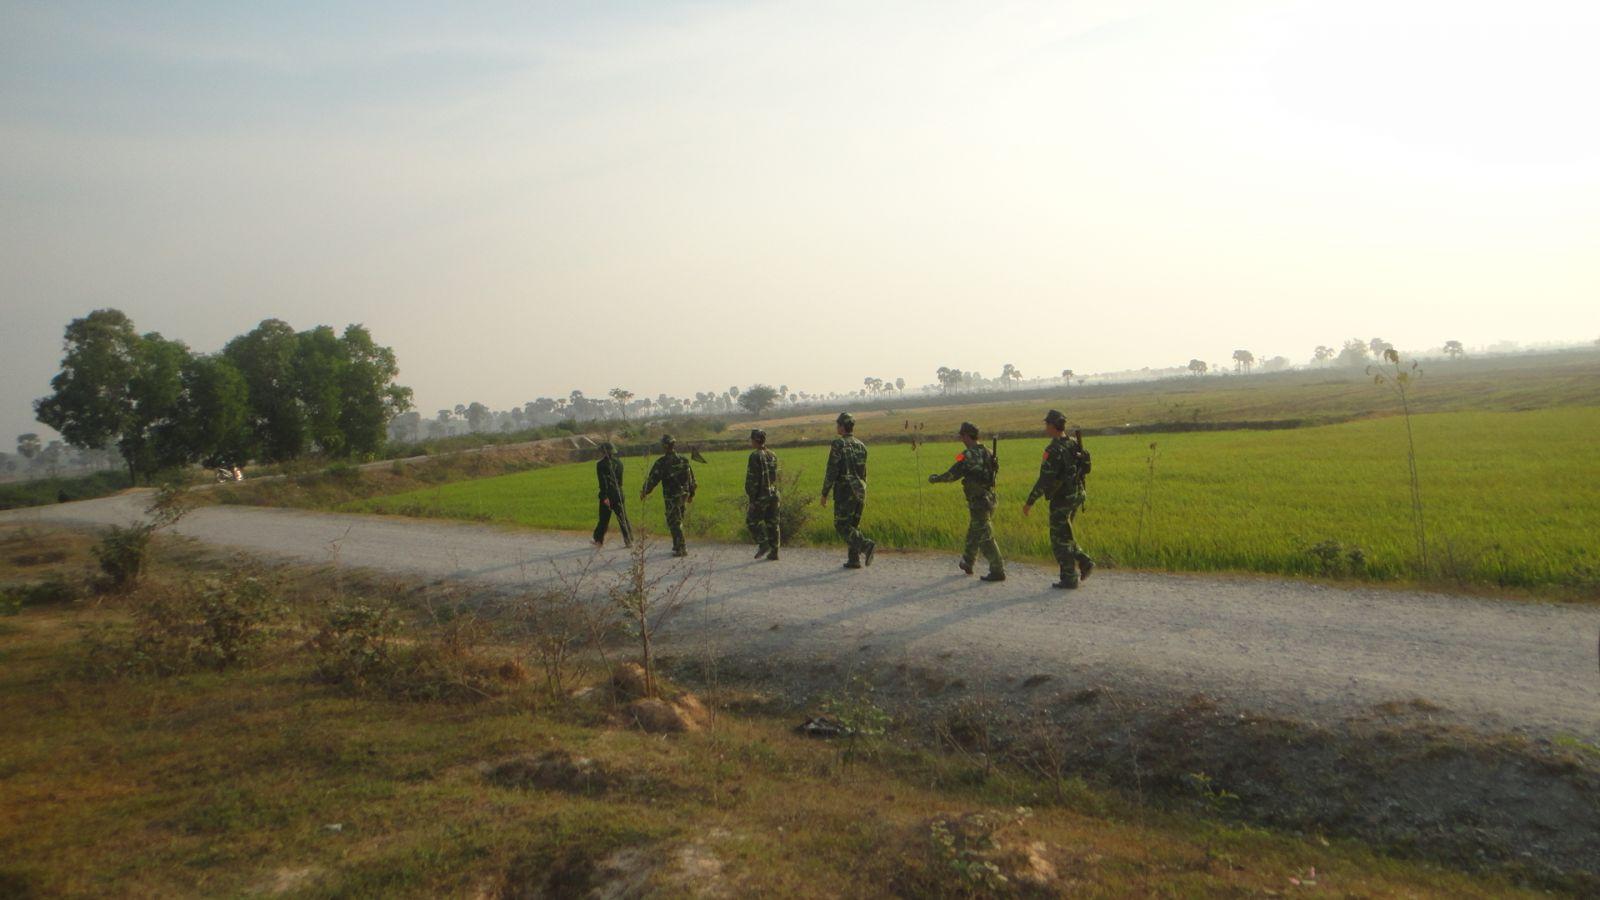 Tuần tra bảo vệ an ninh, trật tự khu vực biên giới